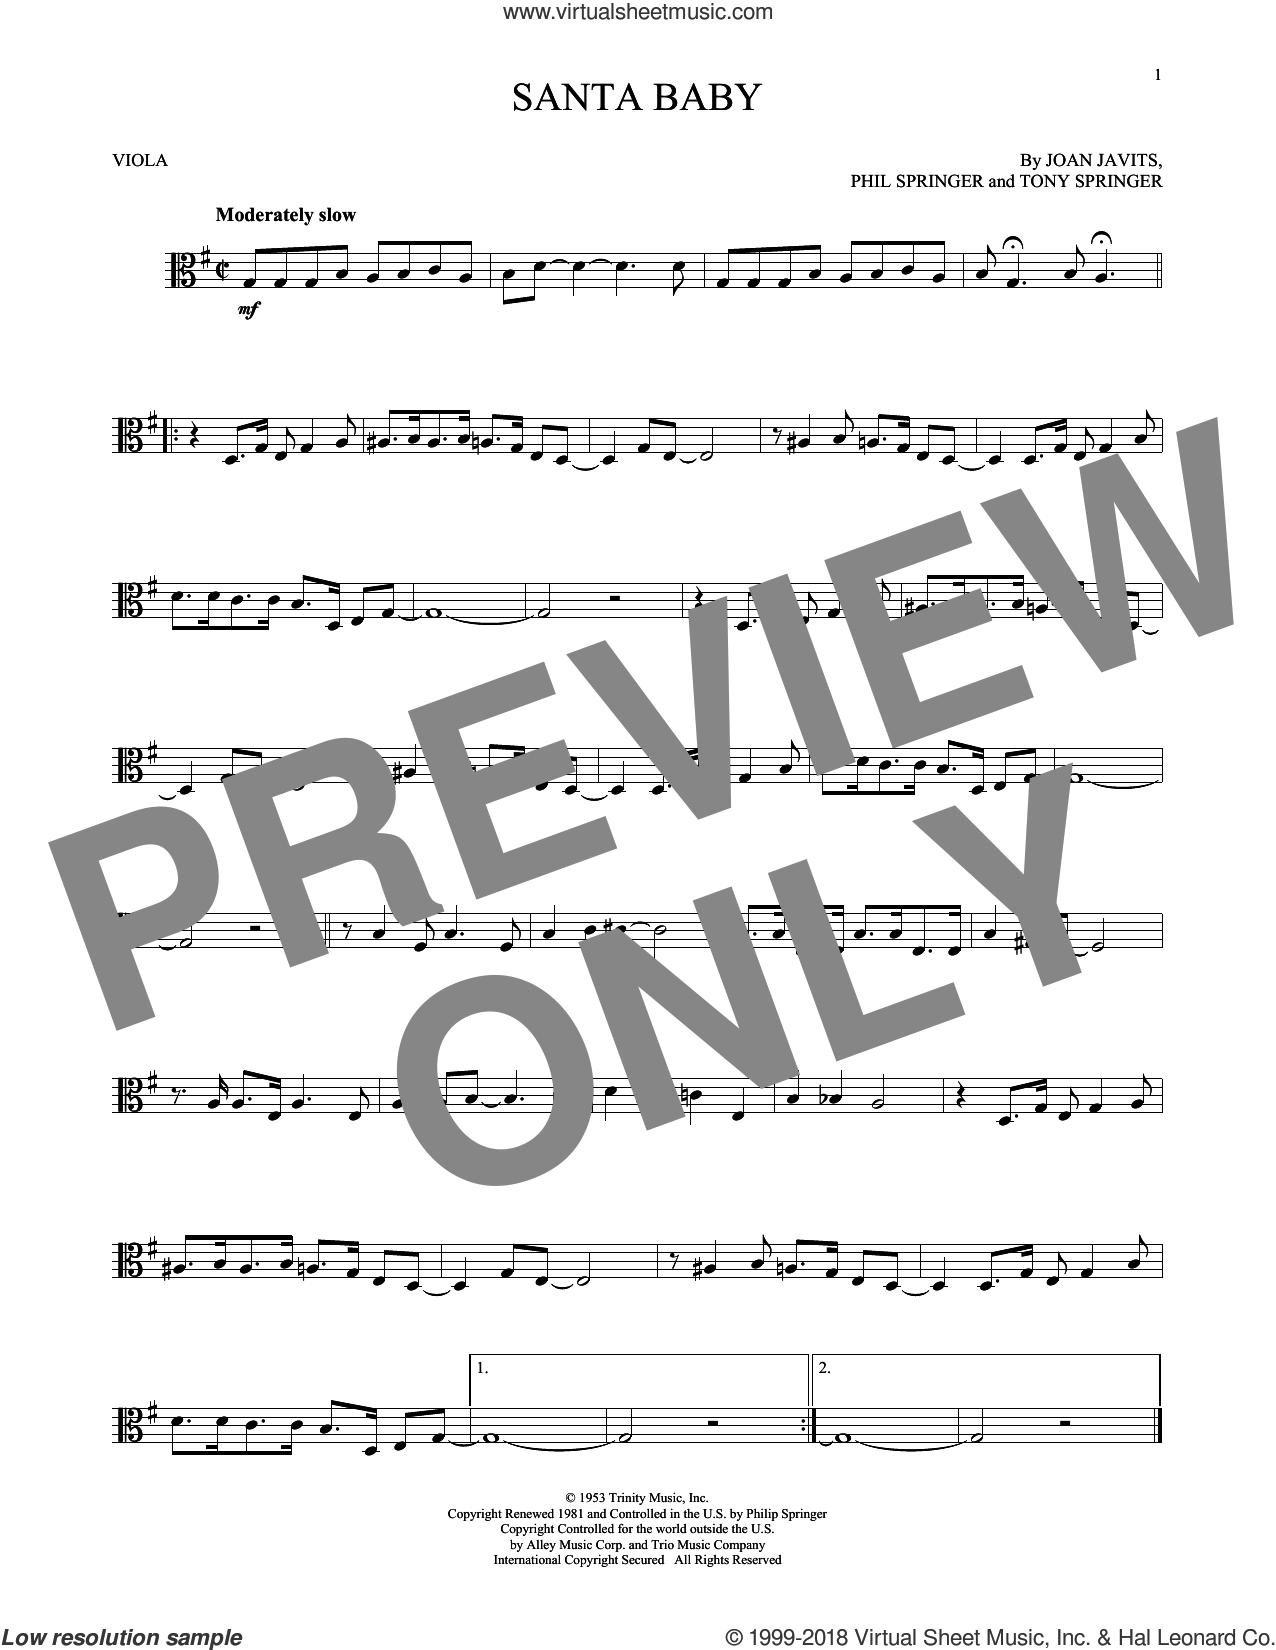 Santa Baby sheet music for viola solo by Eartha Kitt, Kellie Pickler, Taylor Swift, Joan Javits, Phil Springer and Tony Springer, intermediate skill level